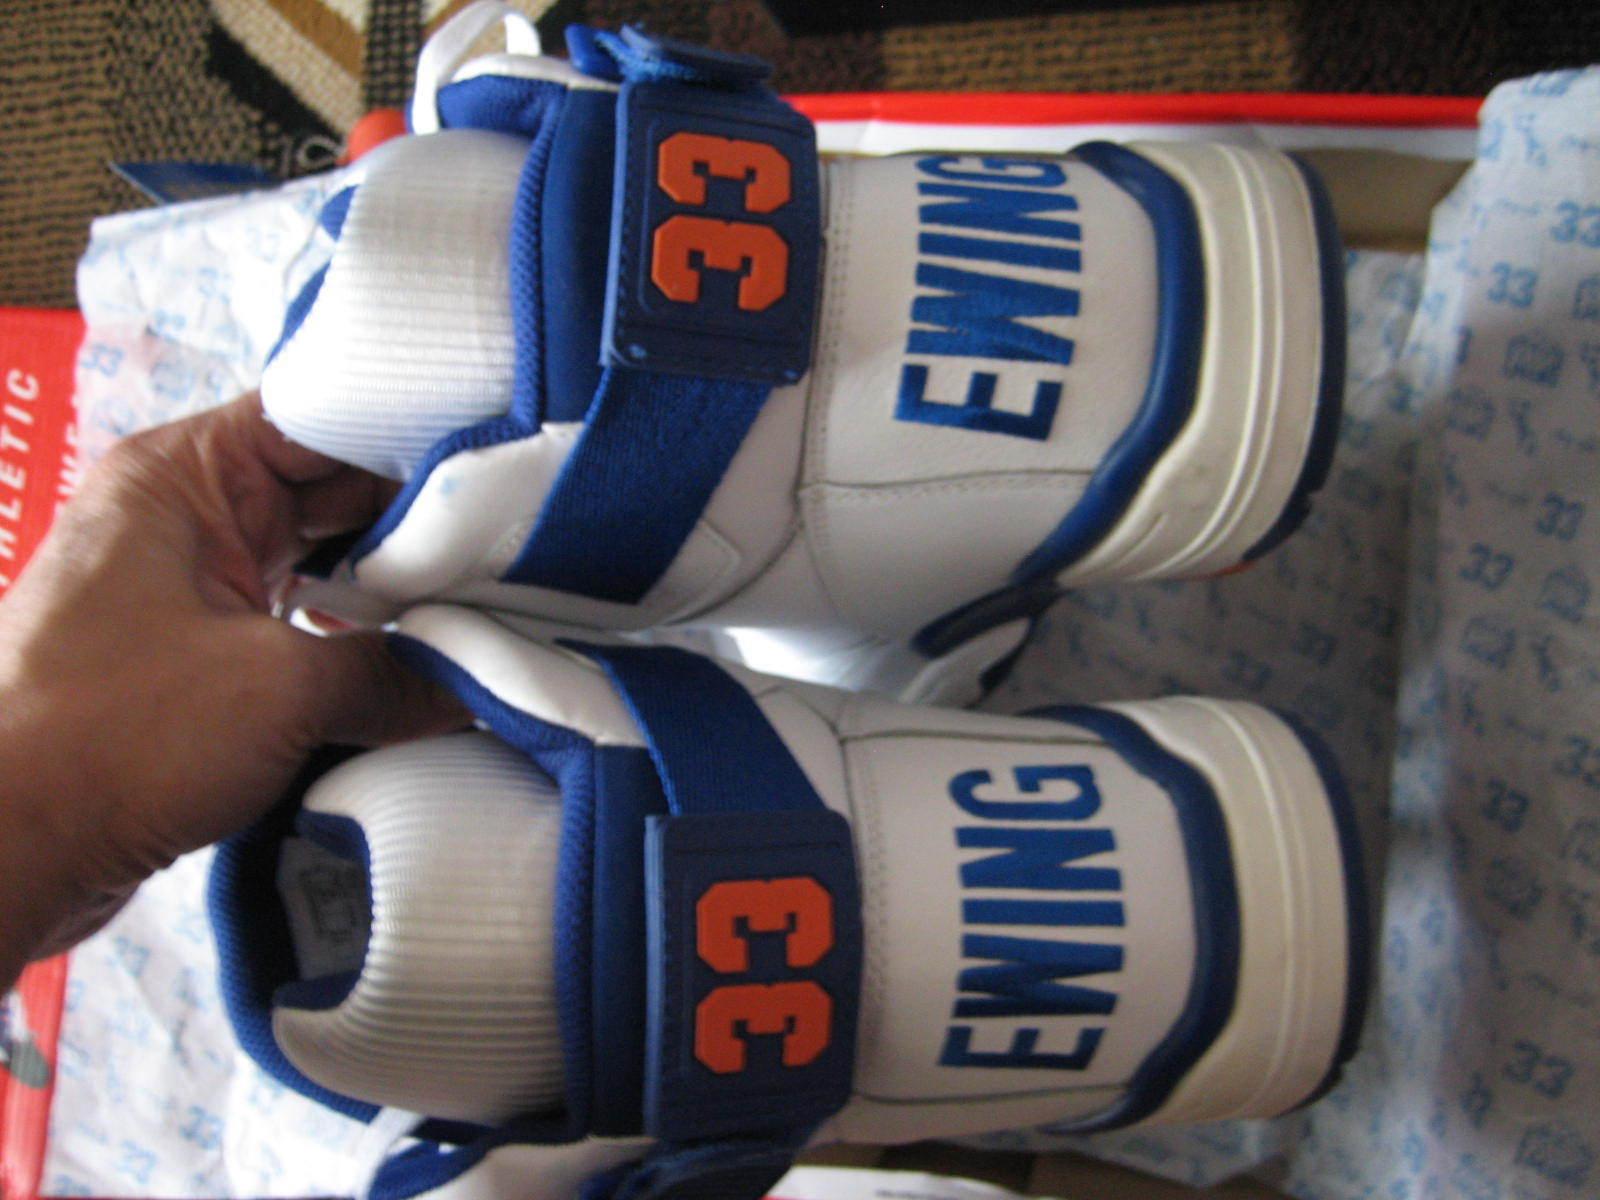 Ewing 33 HI  - Knicks OG Patrick Ewing - White Royal Game bluee orange - US 12